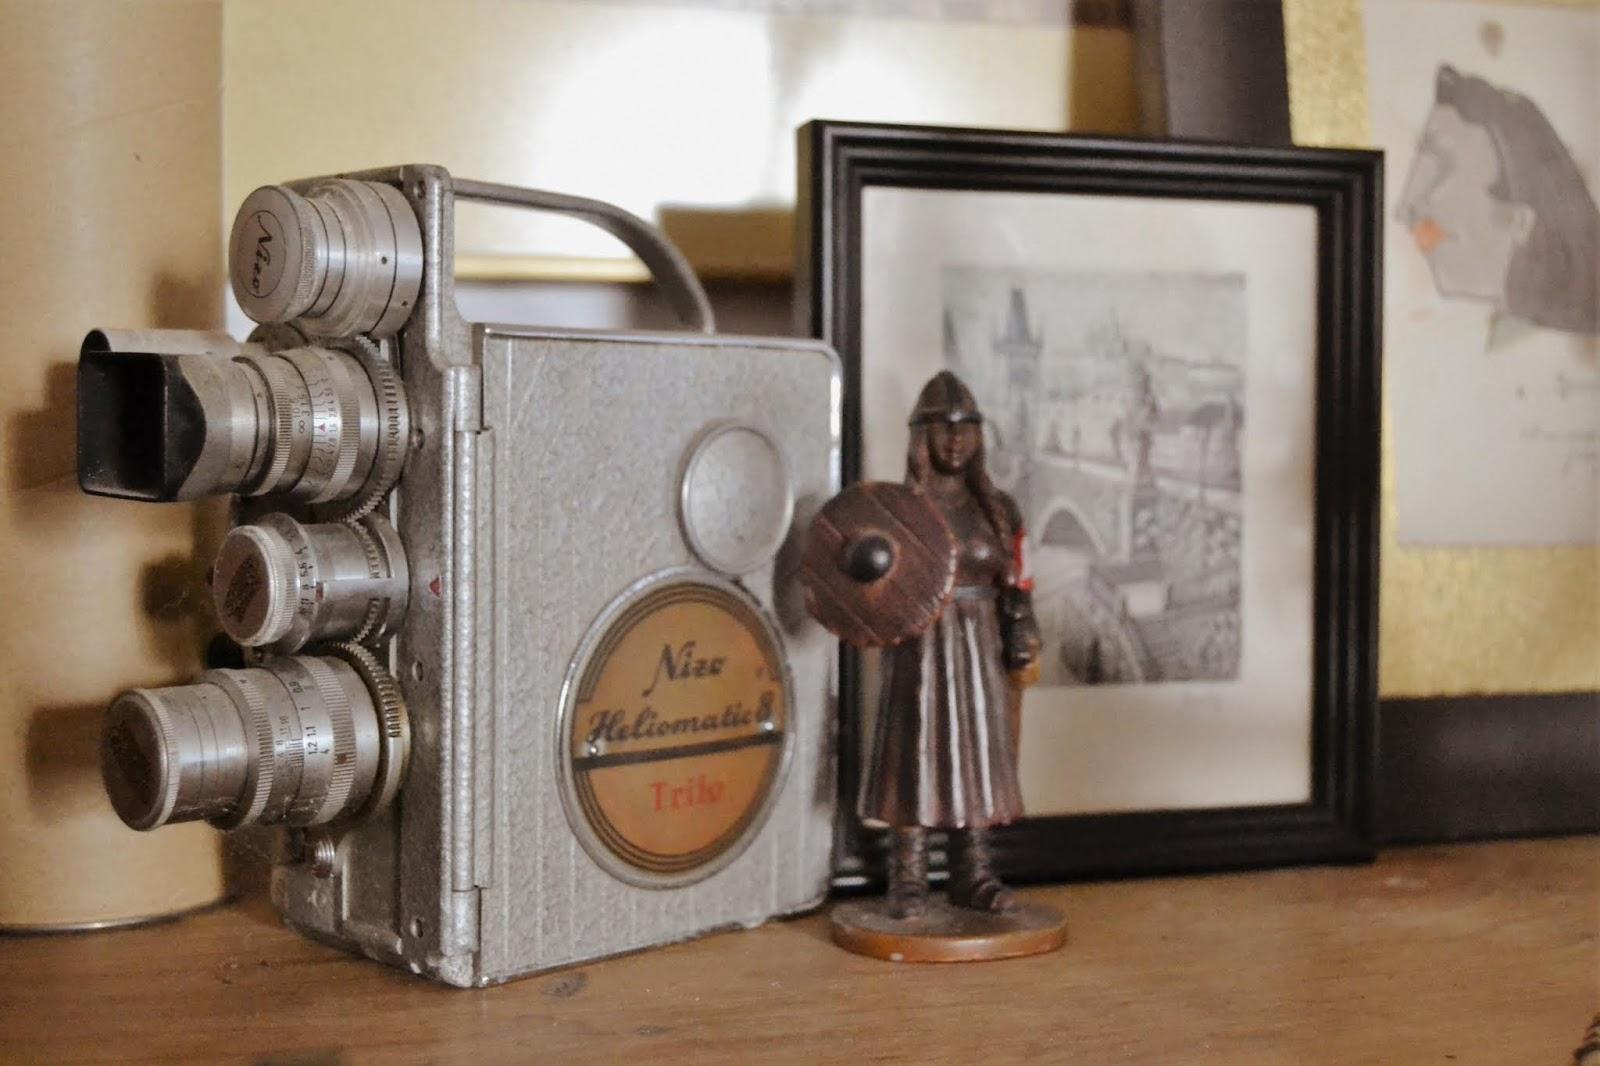 ¿Por qué no debes tener miedo a decorar con antigüedades? 17 Razones y donde conseguirlas.